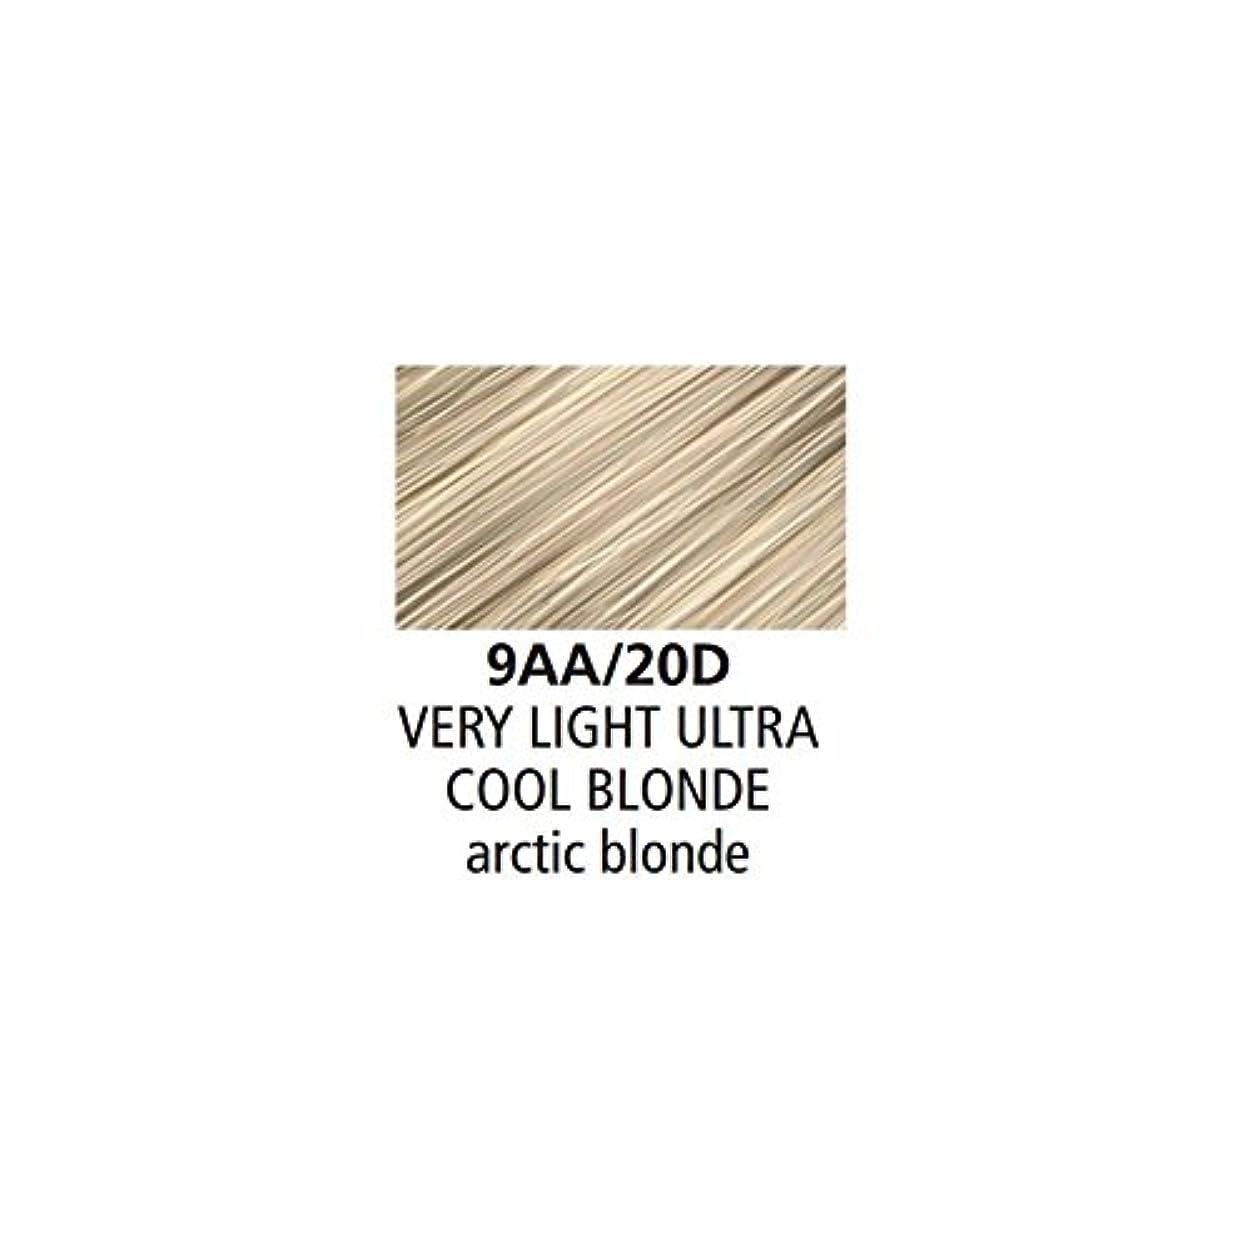 ギャング神秘的なゴージャスClairol Professional - SOY4PLEX - Liquicolor Permanente - Very Light Ultra Cool Blonde - 9AA/20D - 2 oz / 59 mL